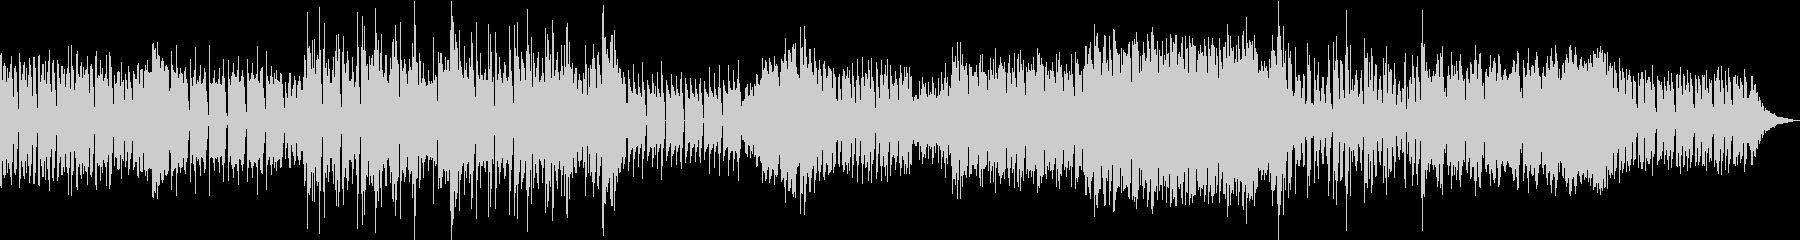 場面転換の多いフューチャー系EDMの未再生の波形